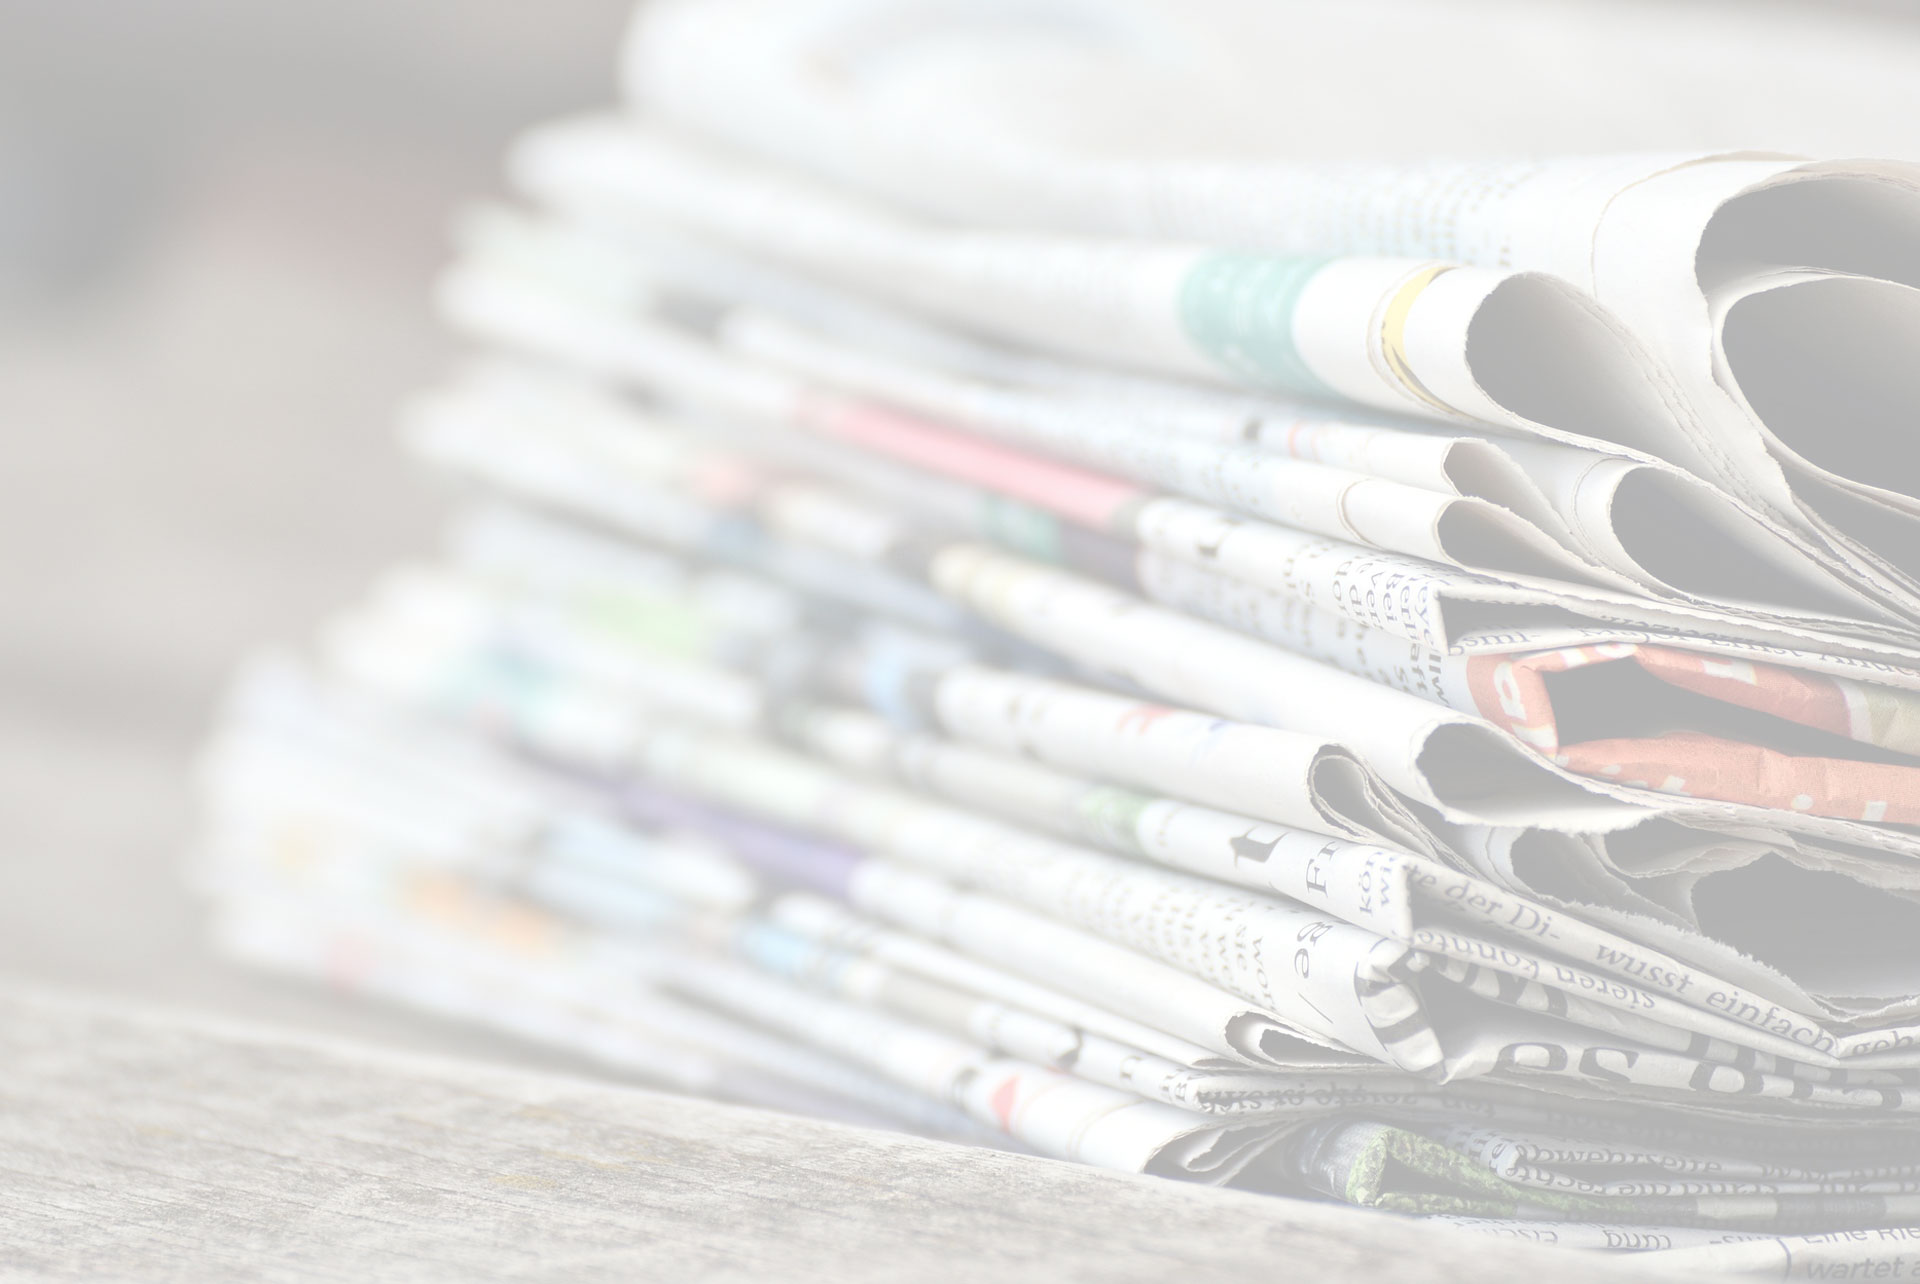 Tanti auguri a Loris Capirossi, campione del motociclismo